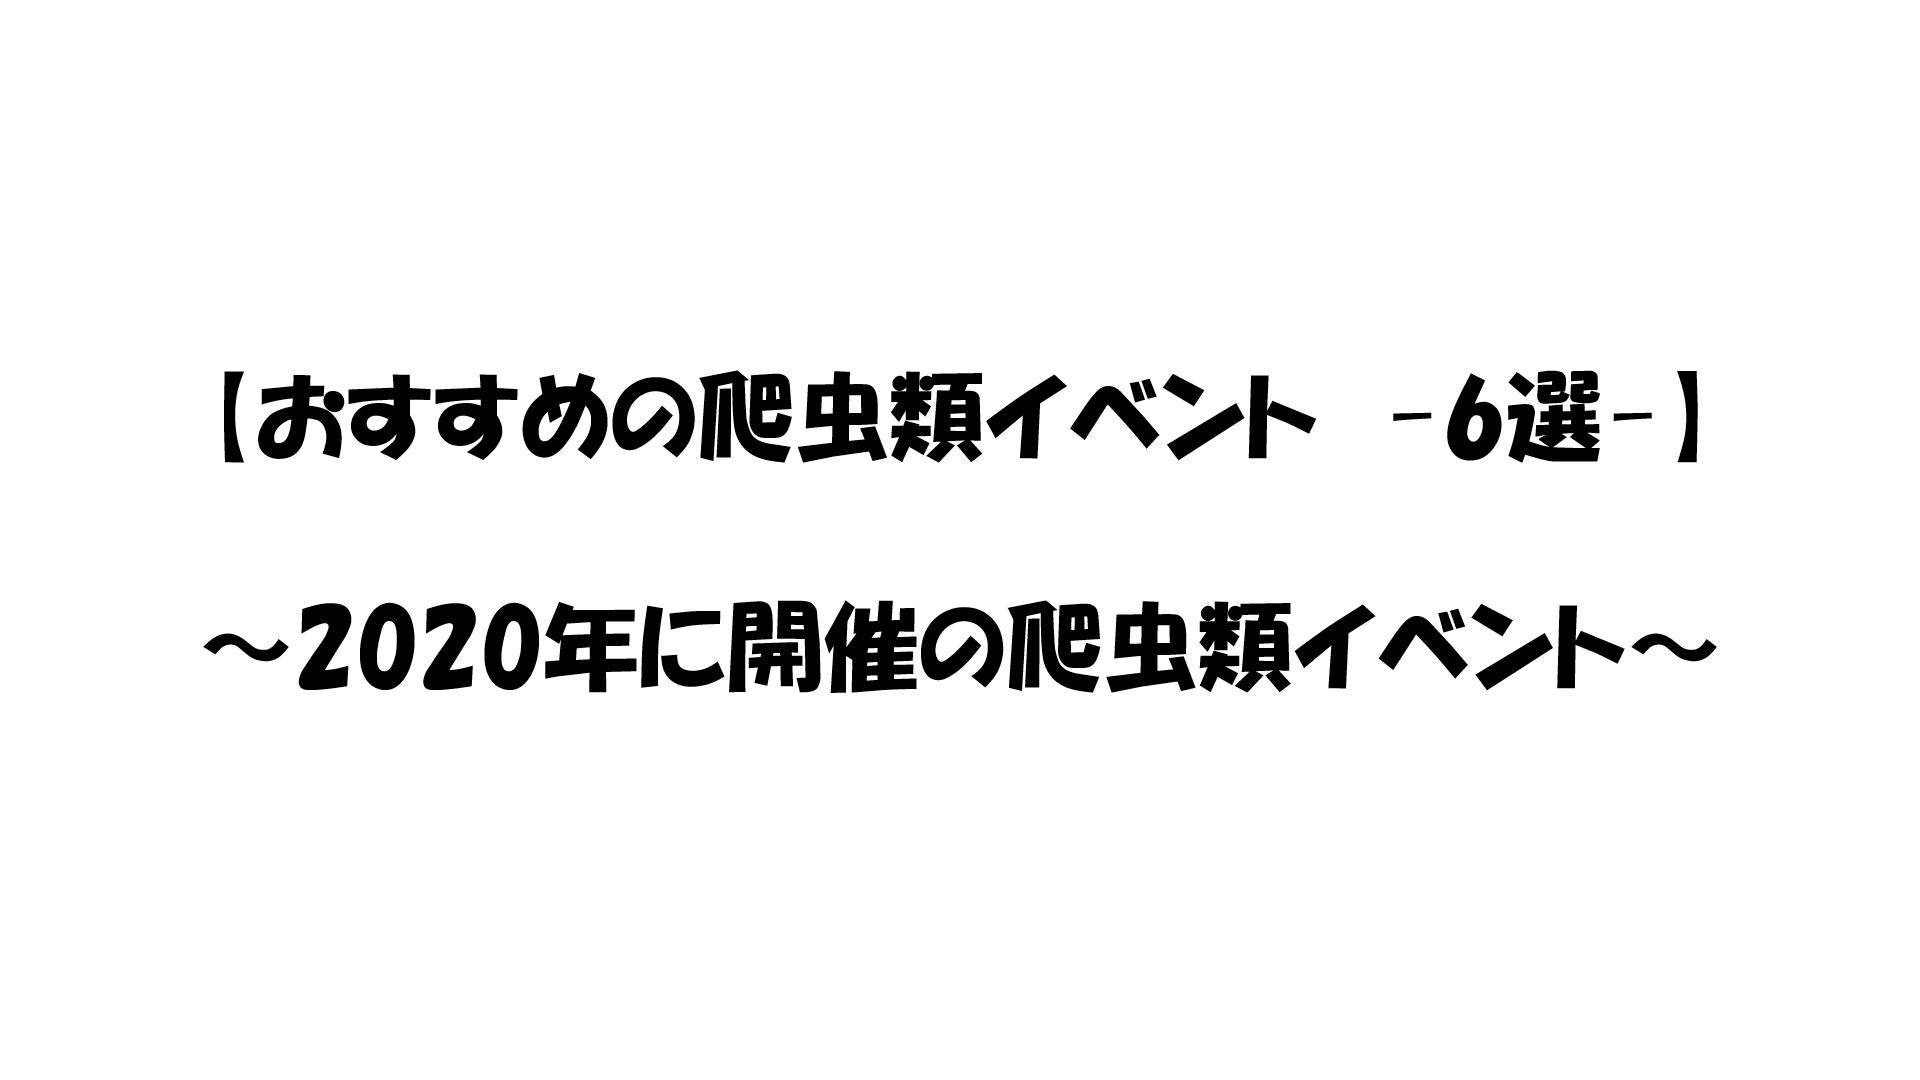 イベント 大阪 爬虫類 2021年【関西版】の爬虫類・昆虫・エキゾチックアニマルの即売会イベント情報!